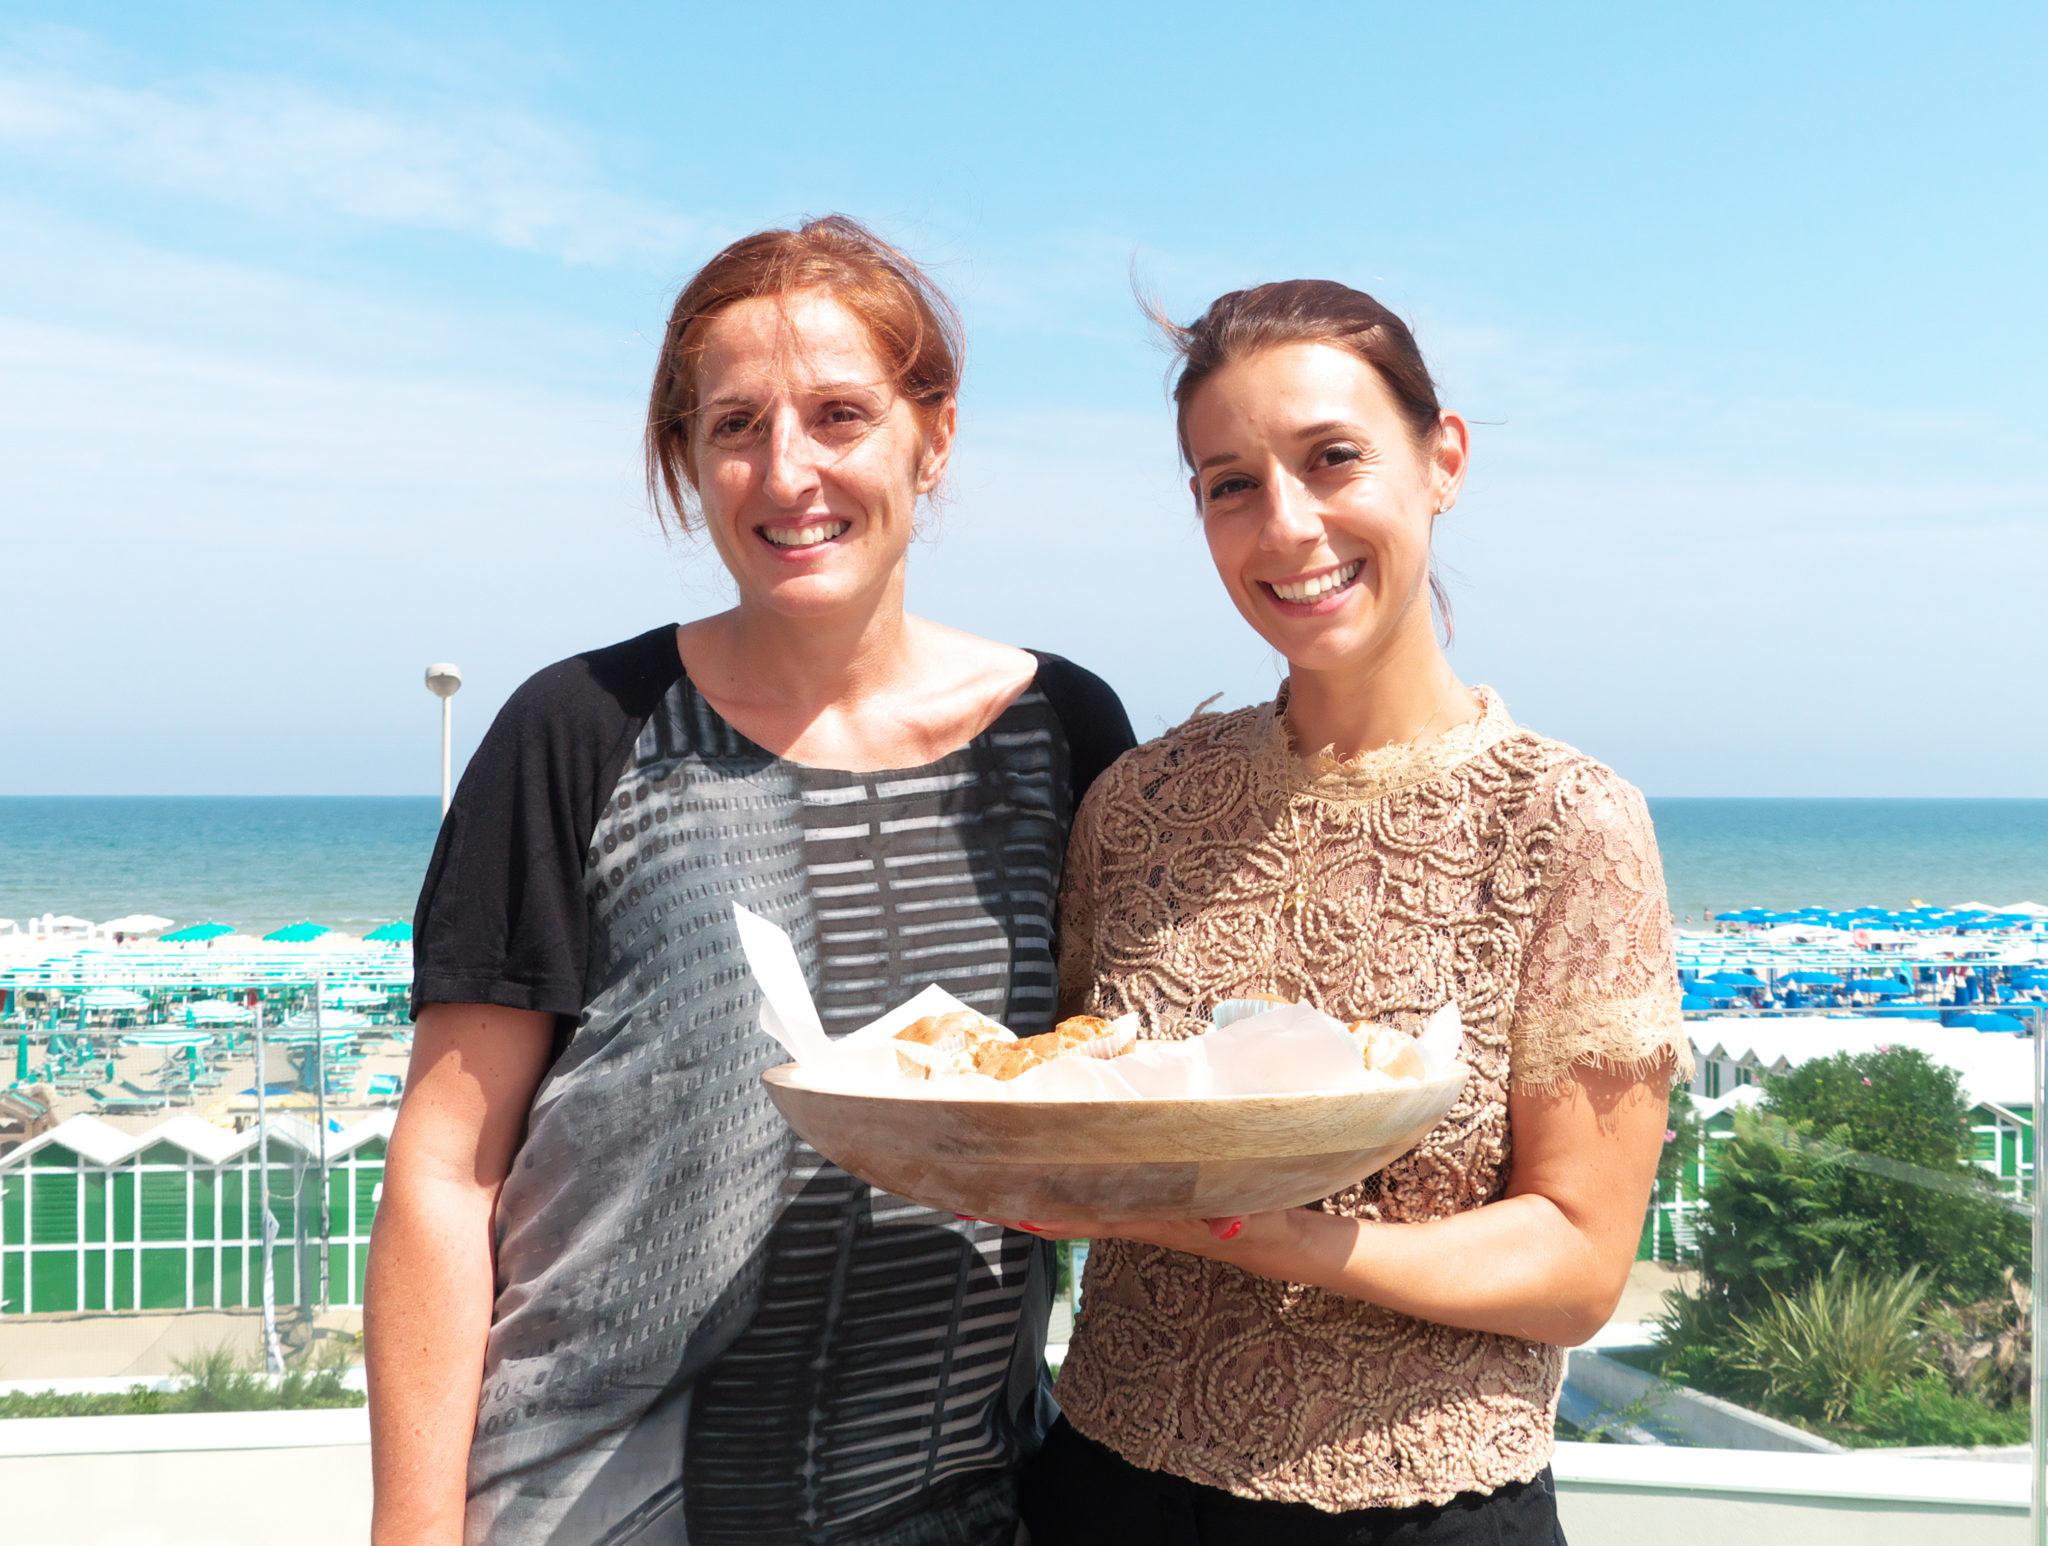 Colazioni e brunch itineranti: Stefania e Francesca hanno ideato The Breakfast Club, una serie di colazioni speciali, in luoghi speciali della città